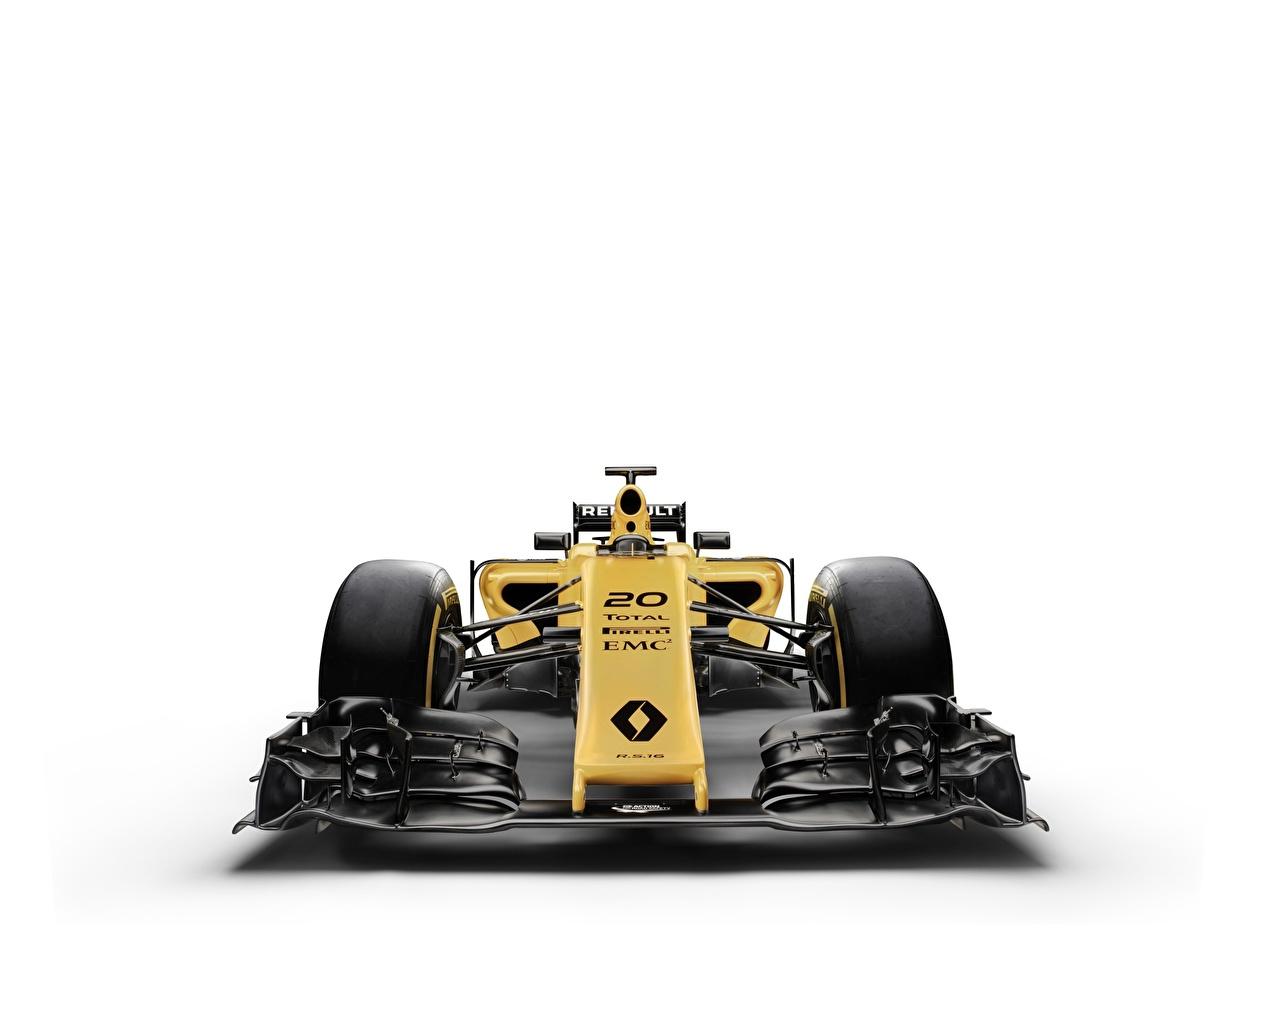 Фото Рено R.S.16 Формула 1 автомобиль белым фоном Renault авто машины машина Автомобили Белый фон белом фоне